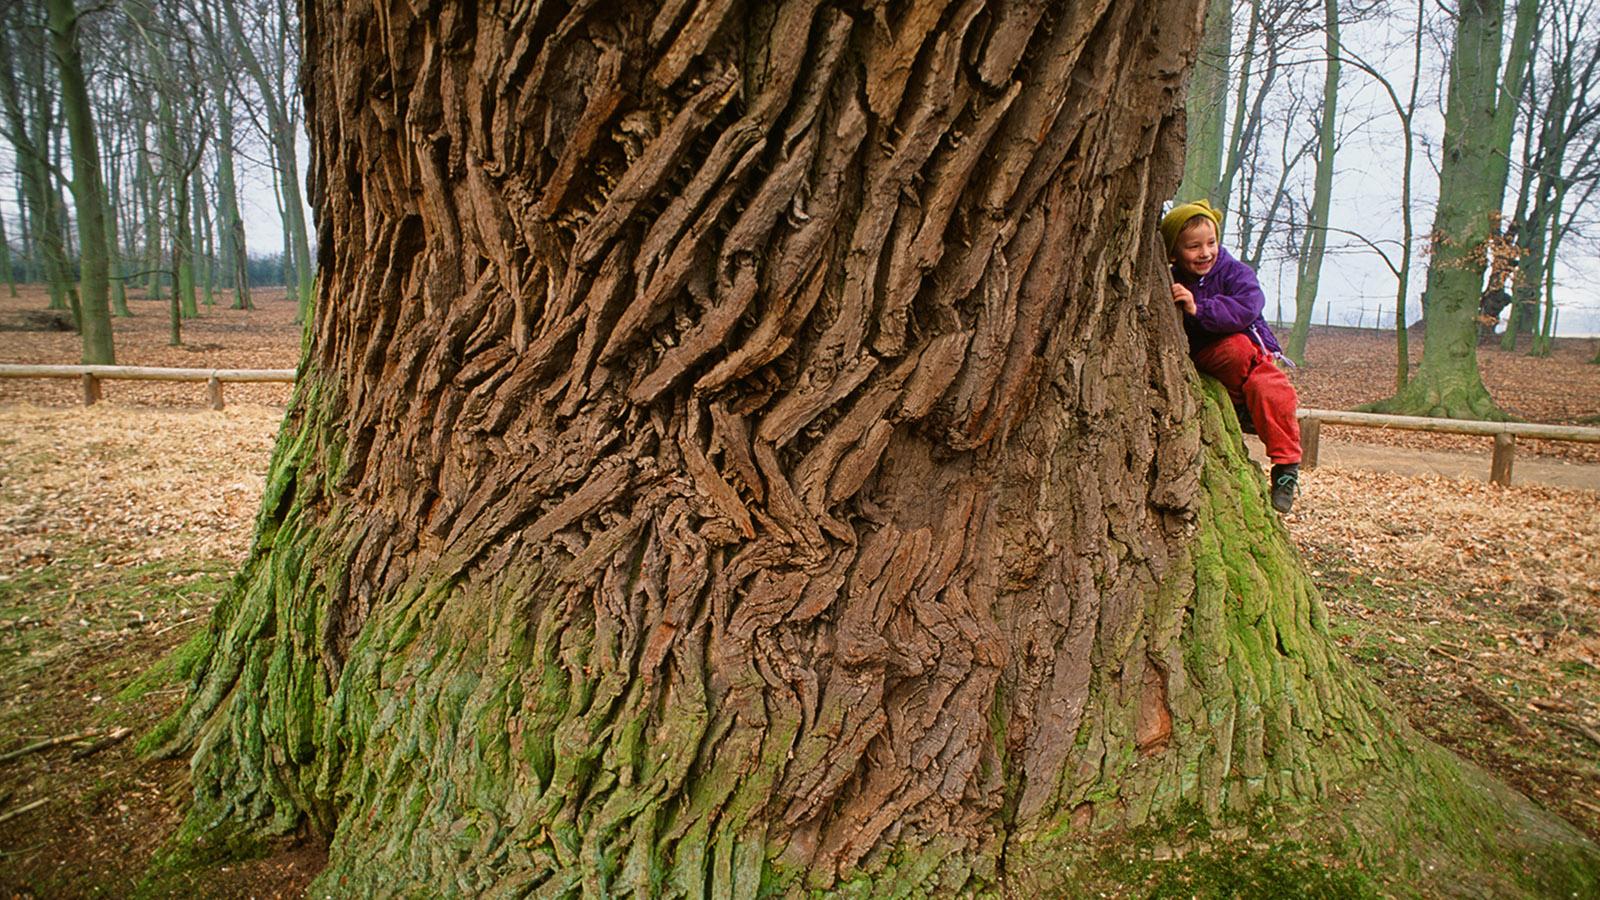 Wildes Mecklenburg, Ivenack: eine der uralten Eichen. Foto: Hilke Maunder